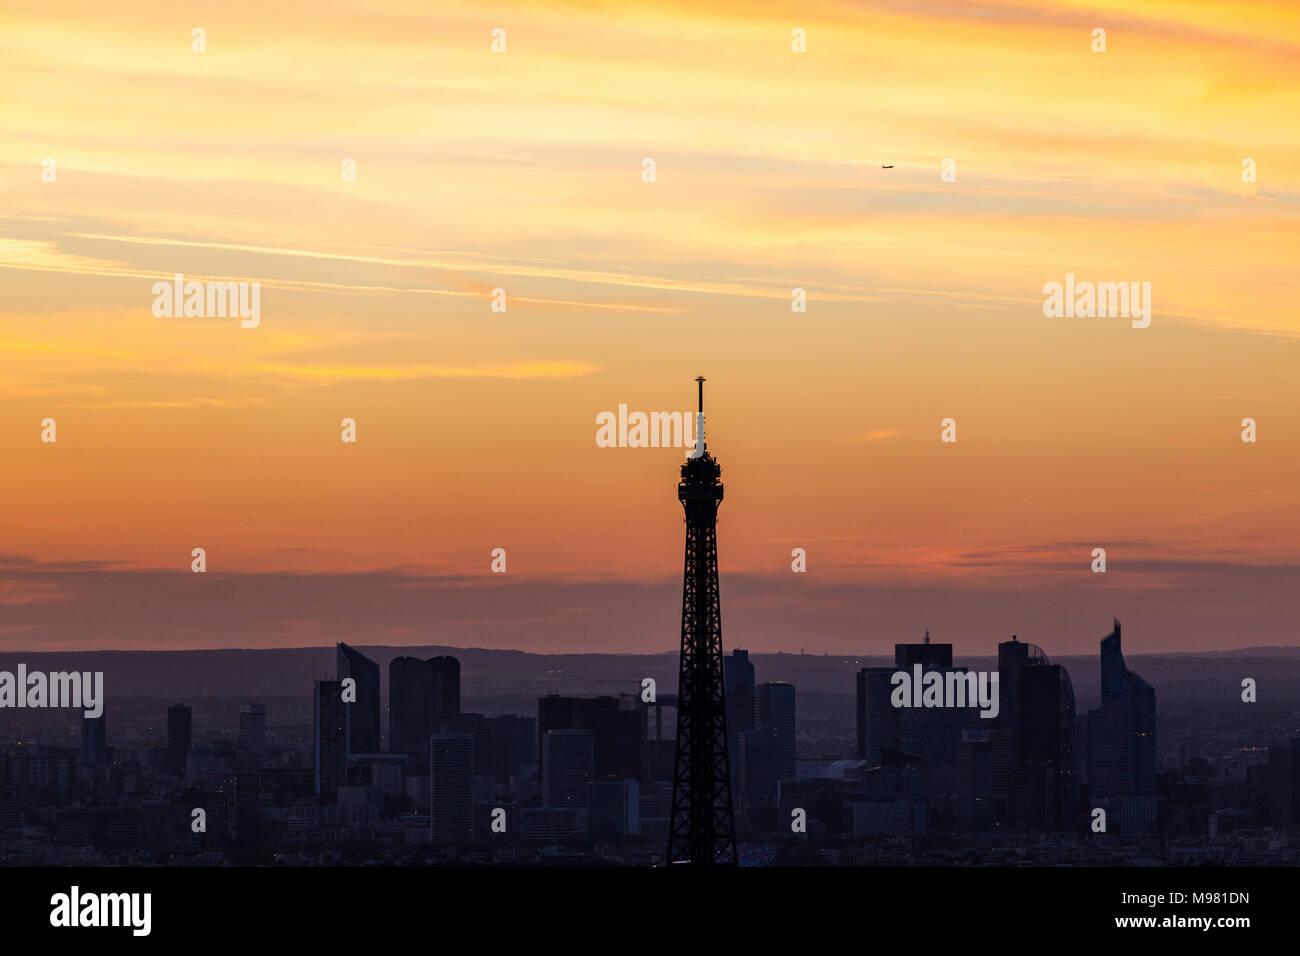 France, Ile-de-France, Paris, - Stock Image